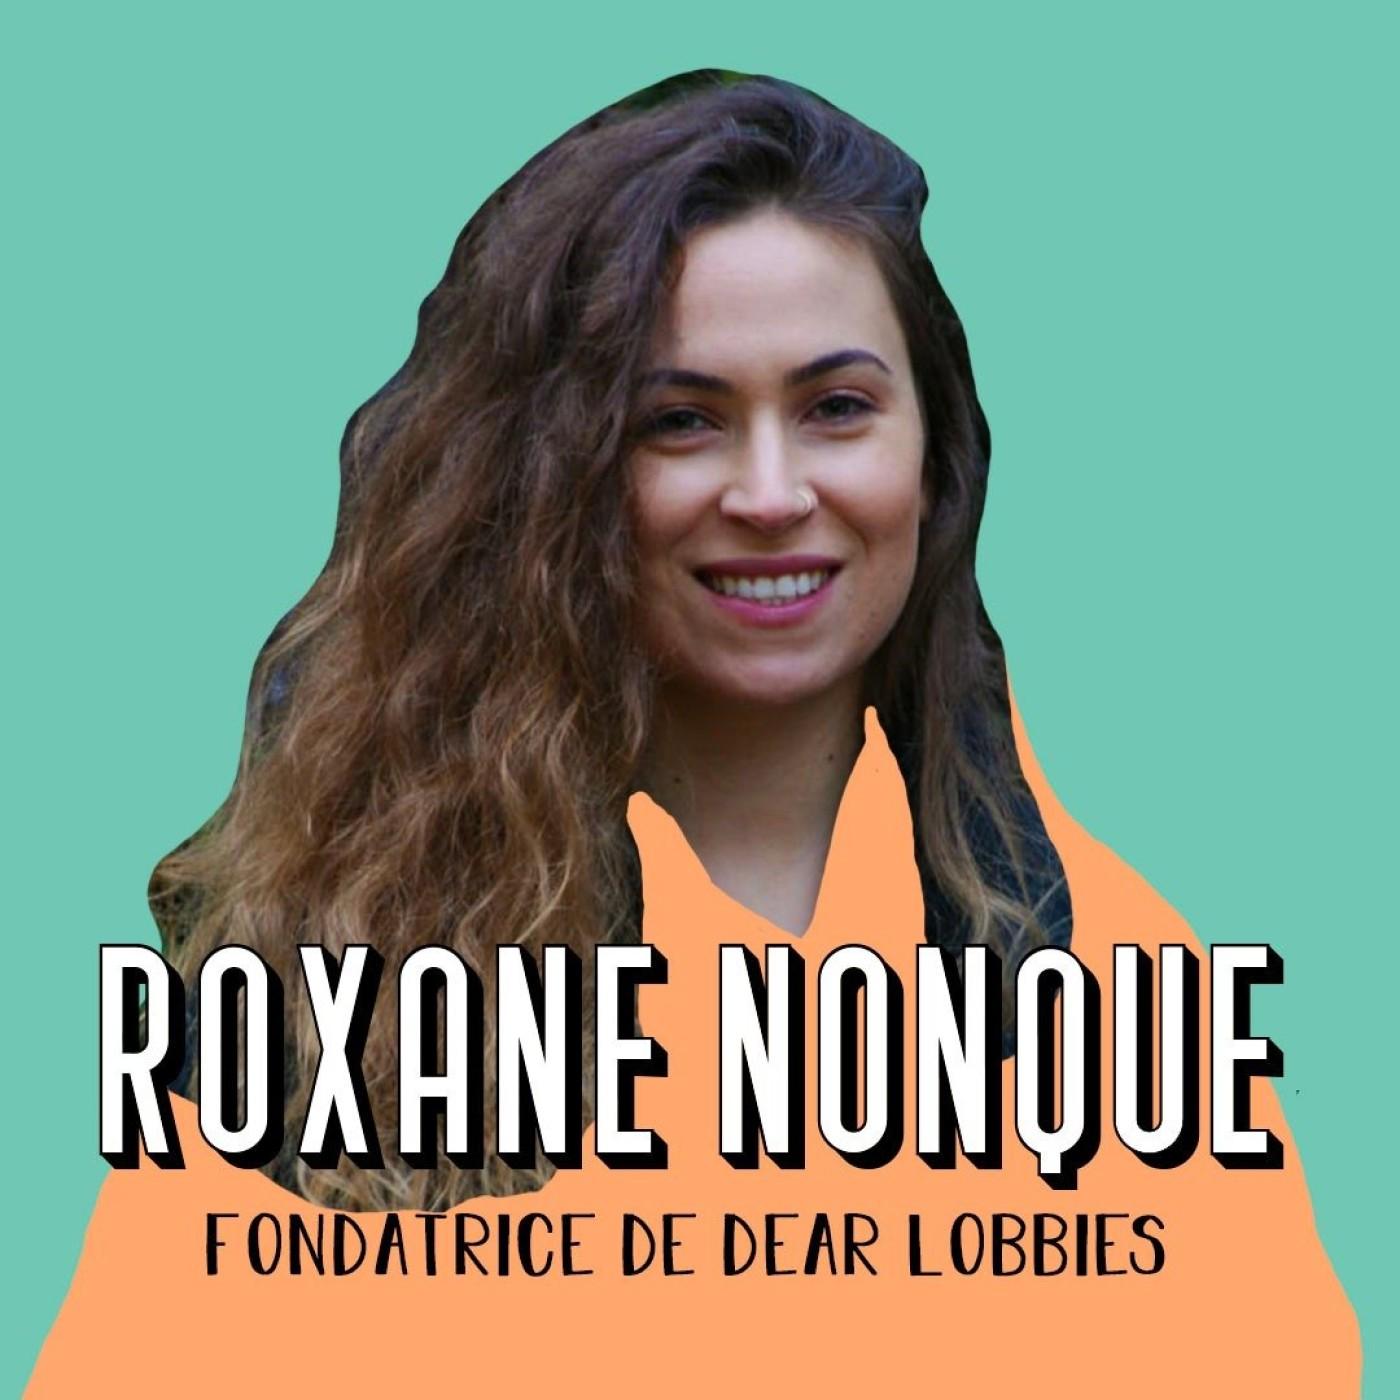 Roxane Nonque, fondatrice de @DearLobbies - Savoir, c'est pouvoir